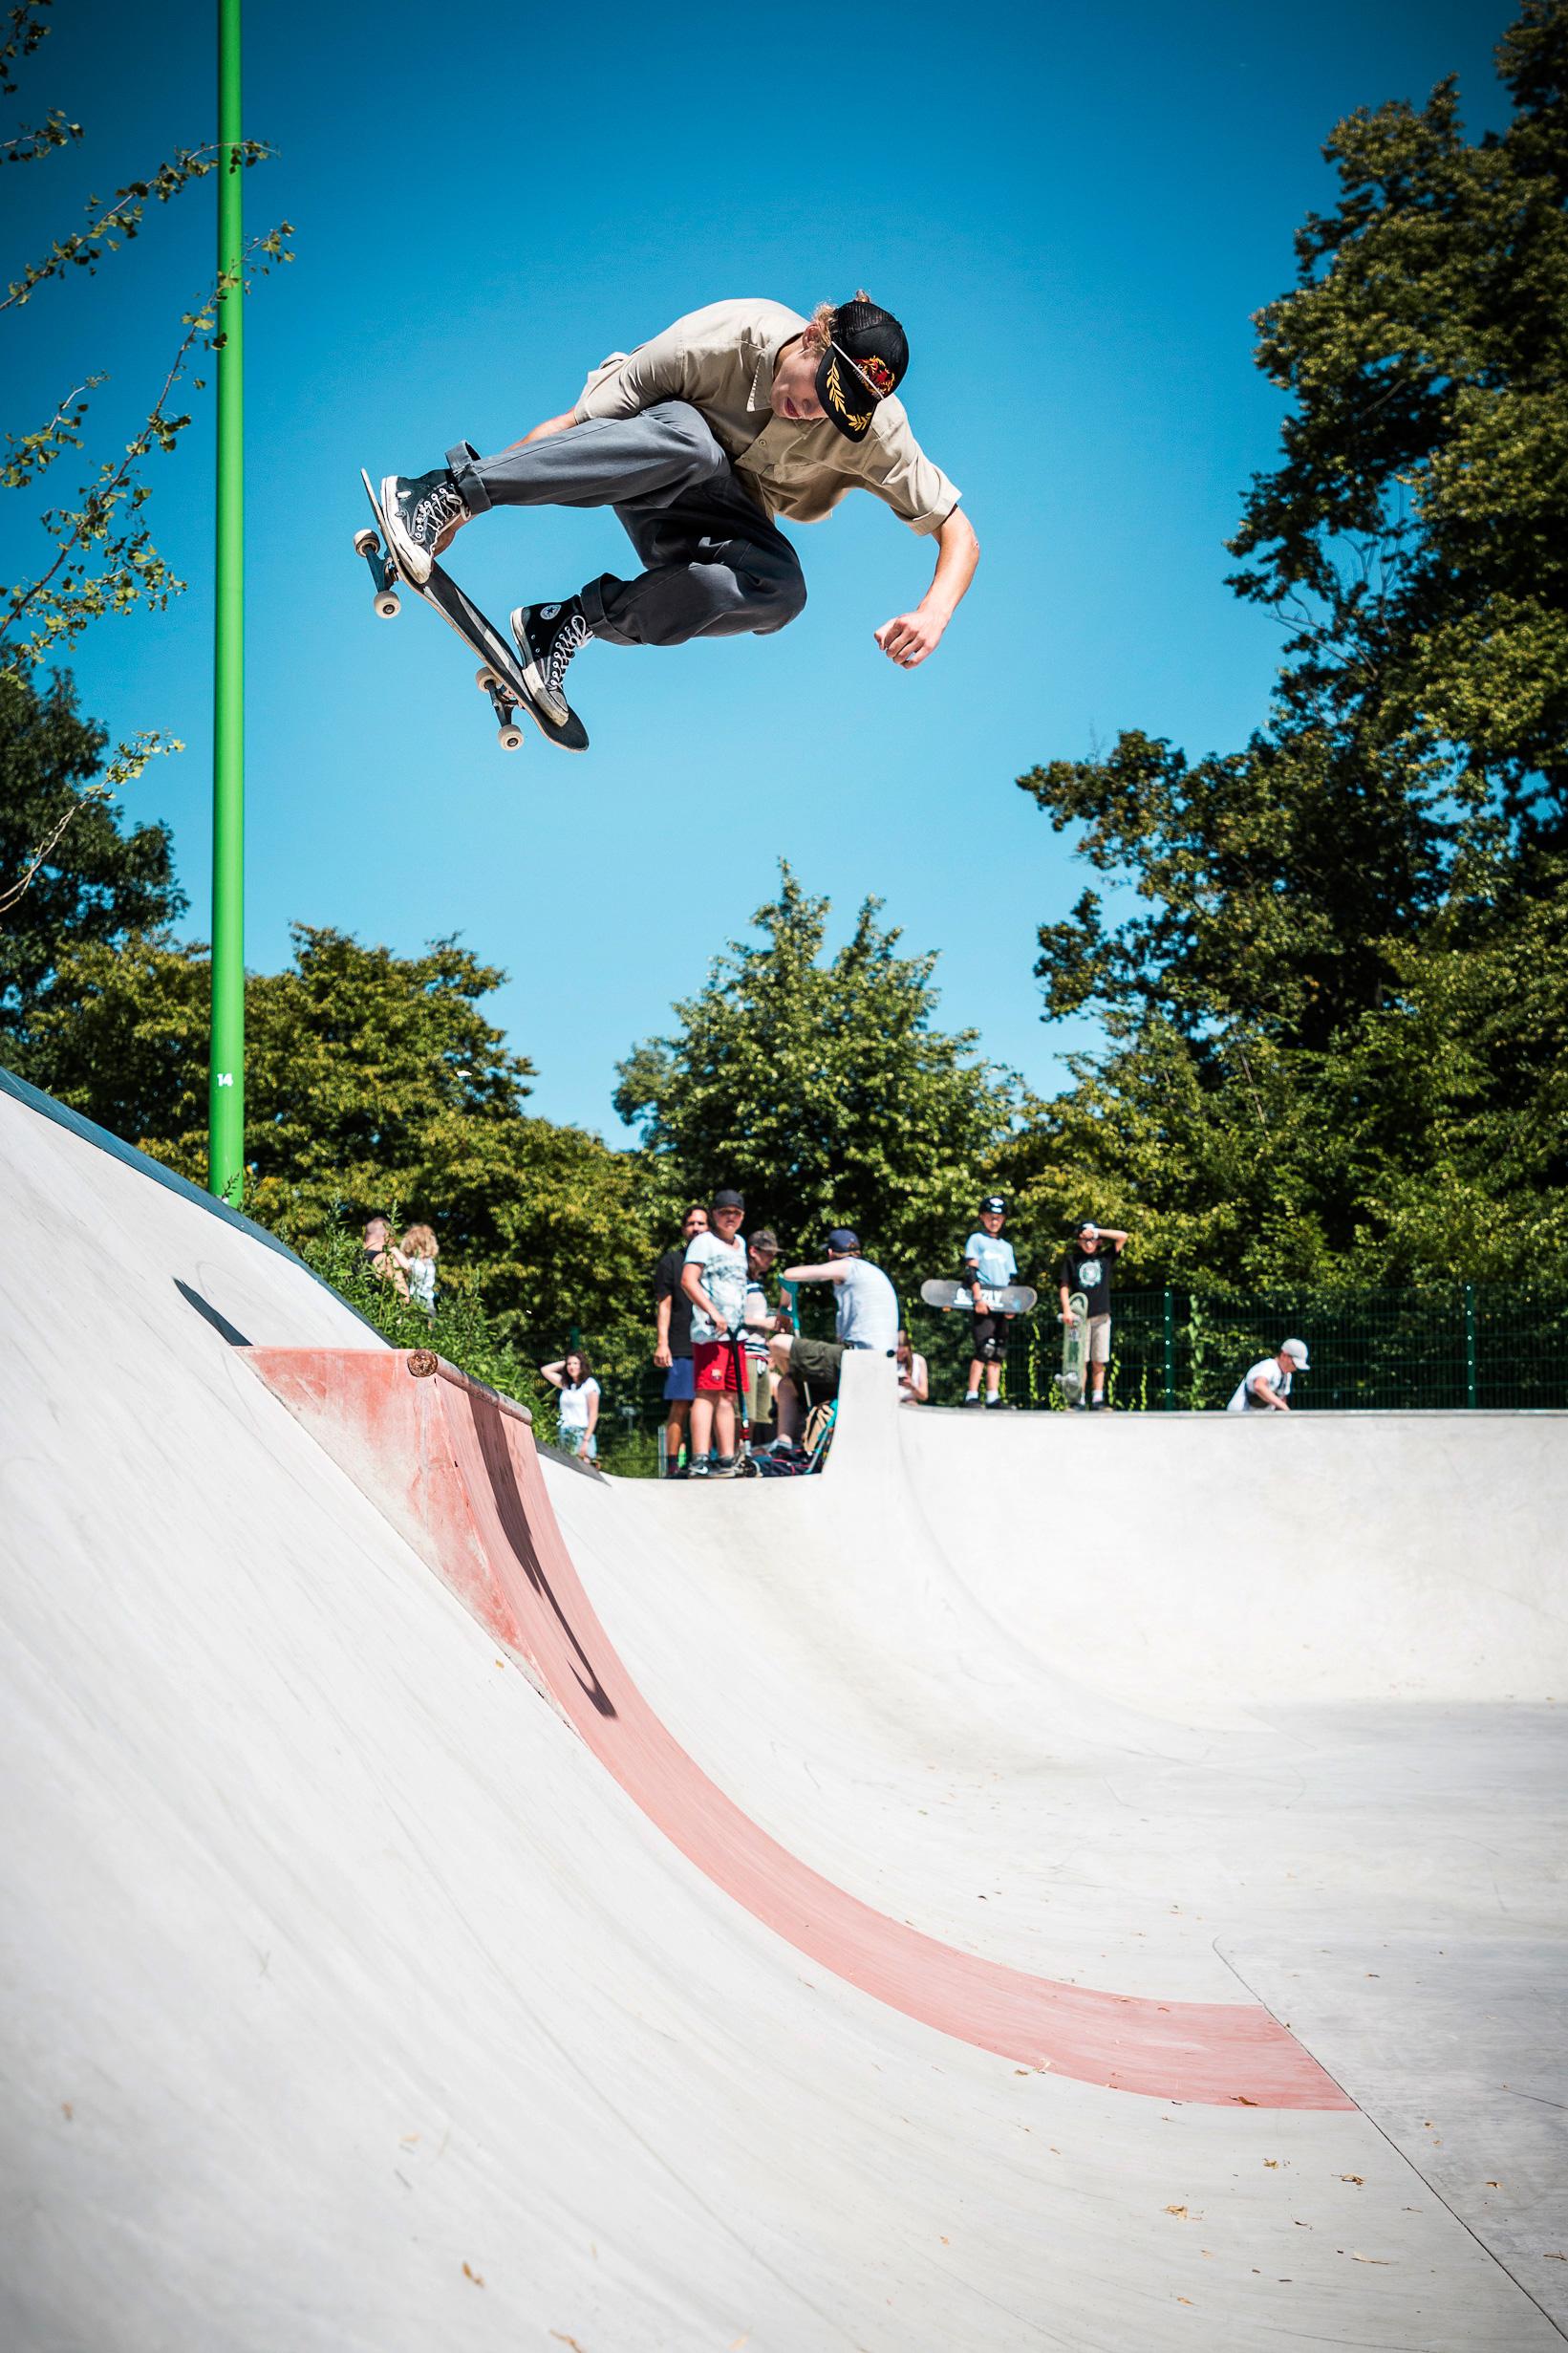 Deutsche Skateboard Meisterschaft